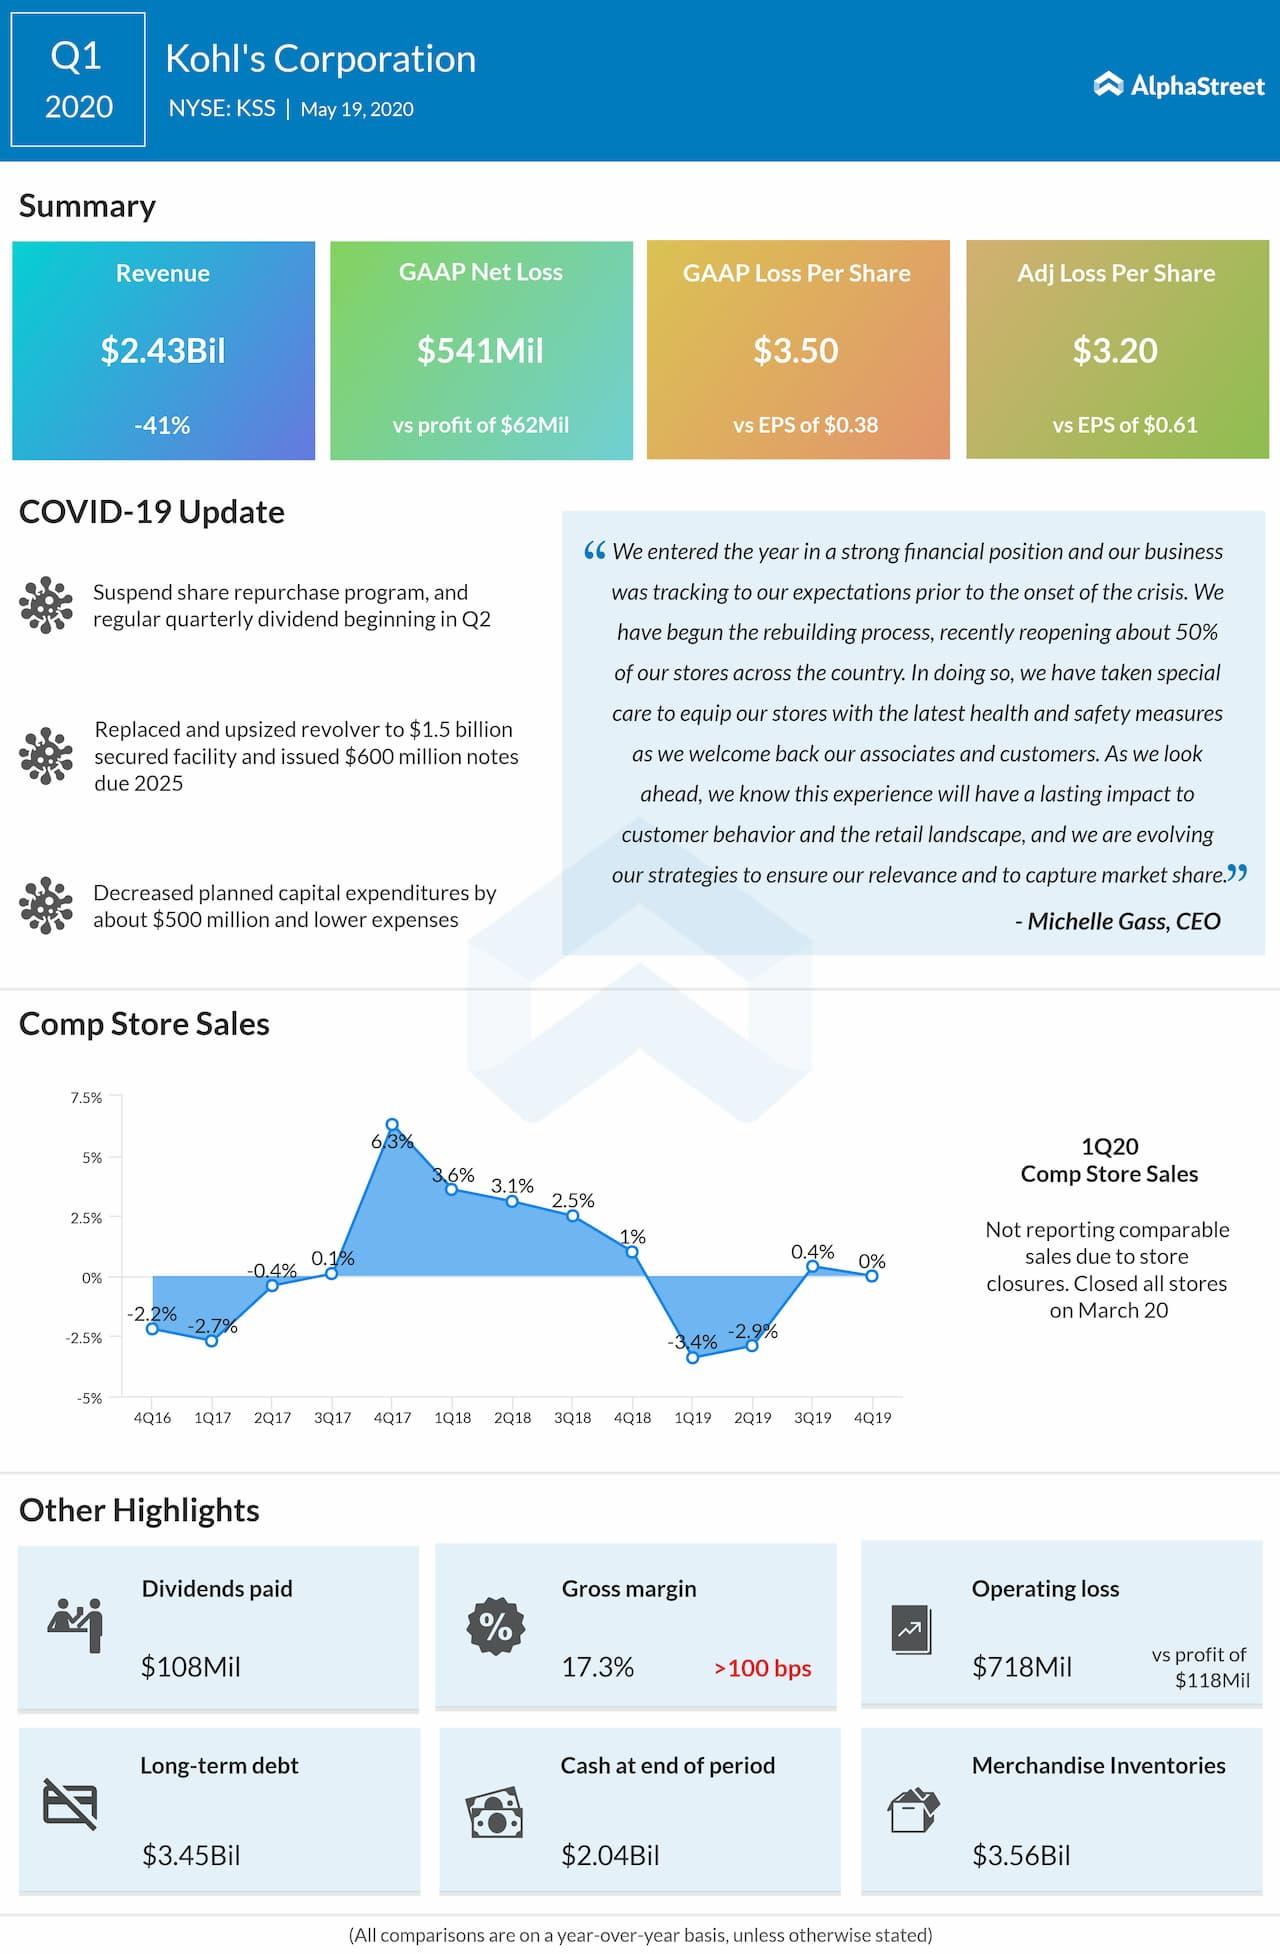 Kohl's Corporation (KSS) Q1 2020 earnings review